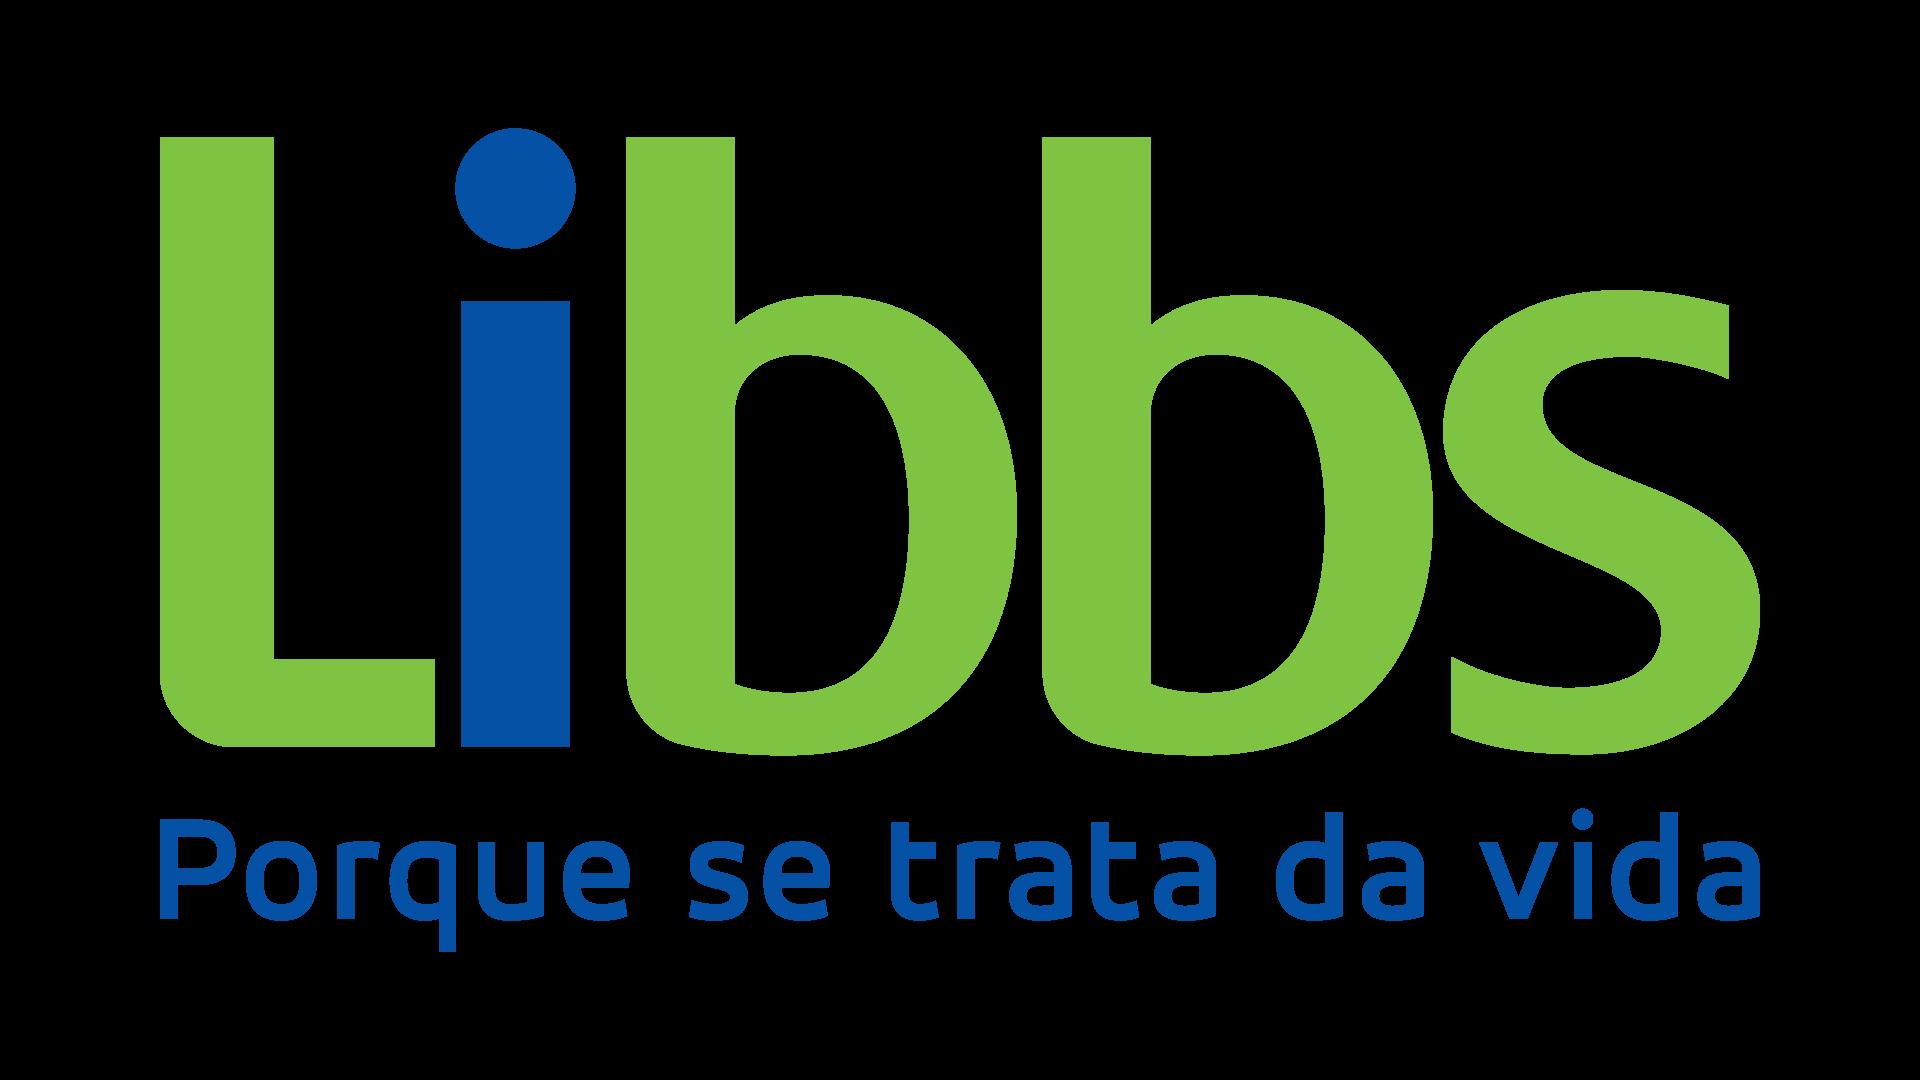 Libbs - Porque se trata da vida